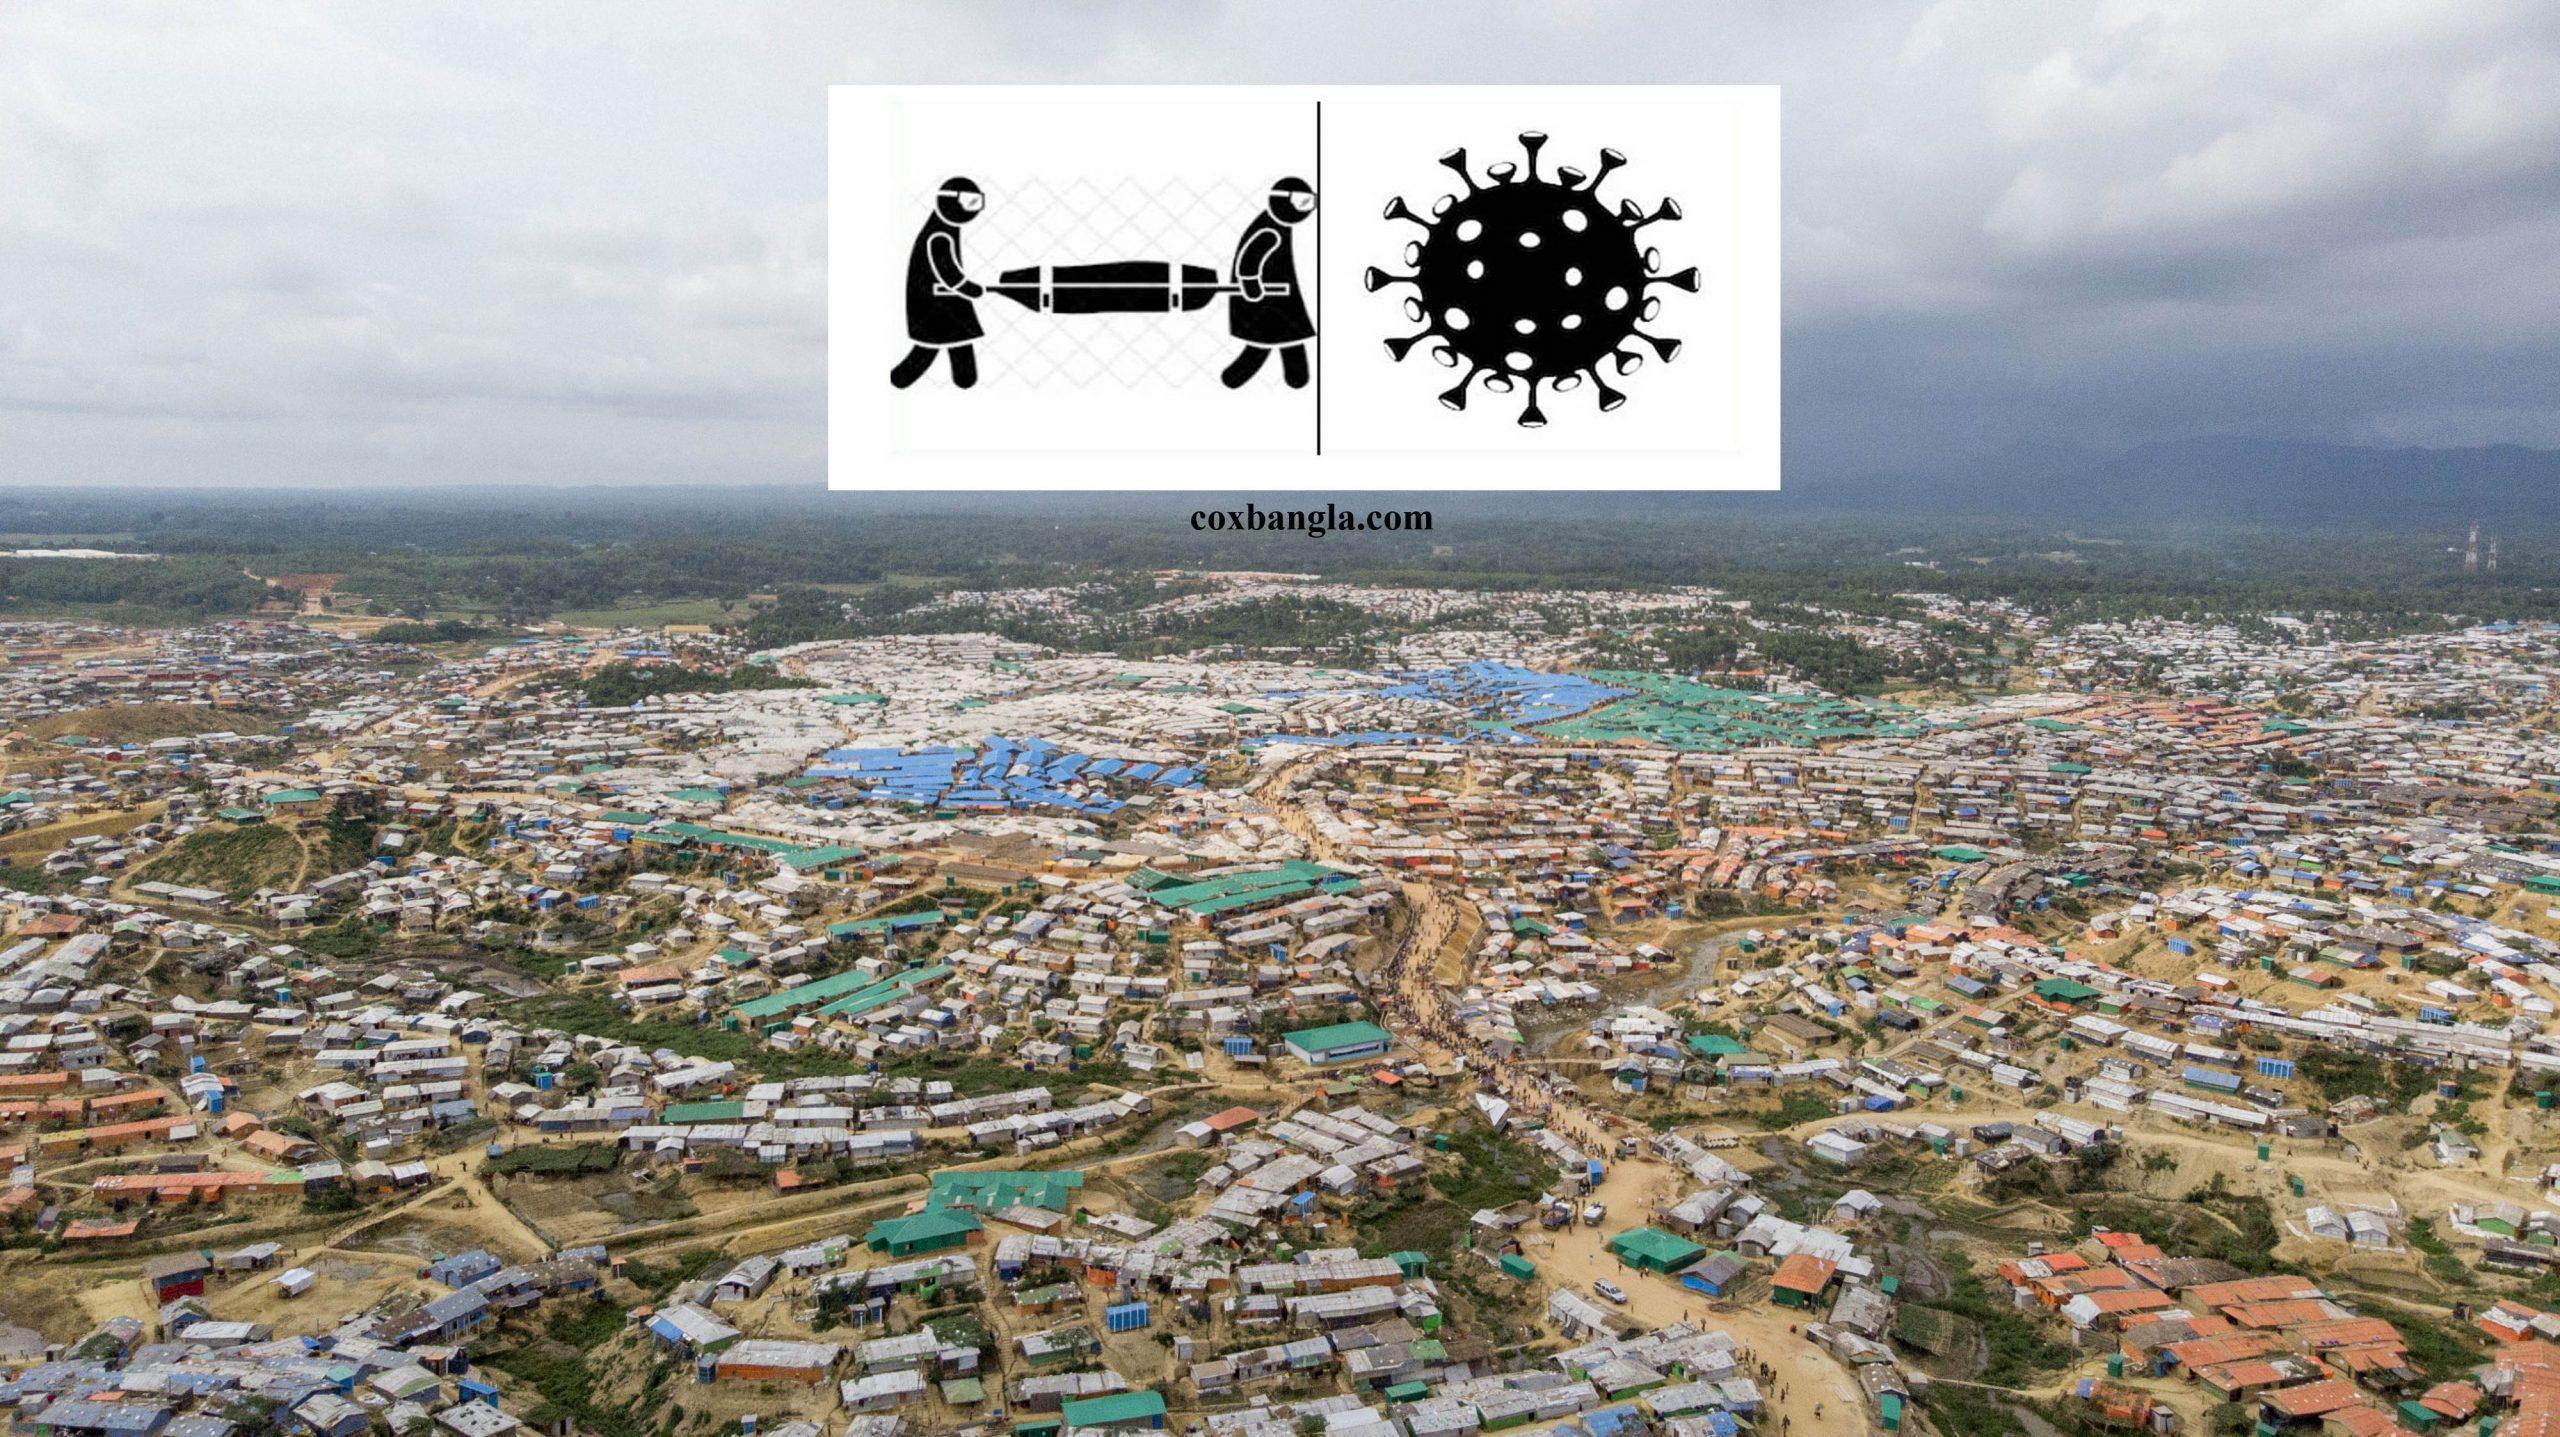 কক্সবাজার শরনার্থী শিবিরে করোনায় আরও ২ রোহিঙ্গার মৃত্যূ : নতুন আক্রান্ত ৫জন